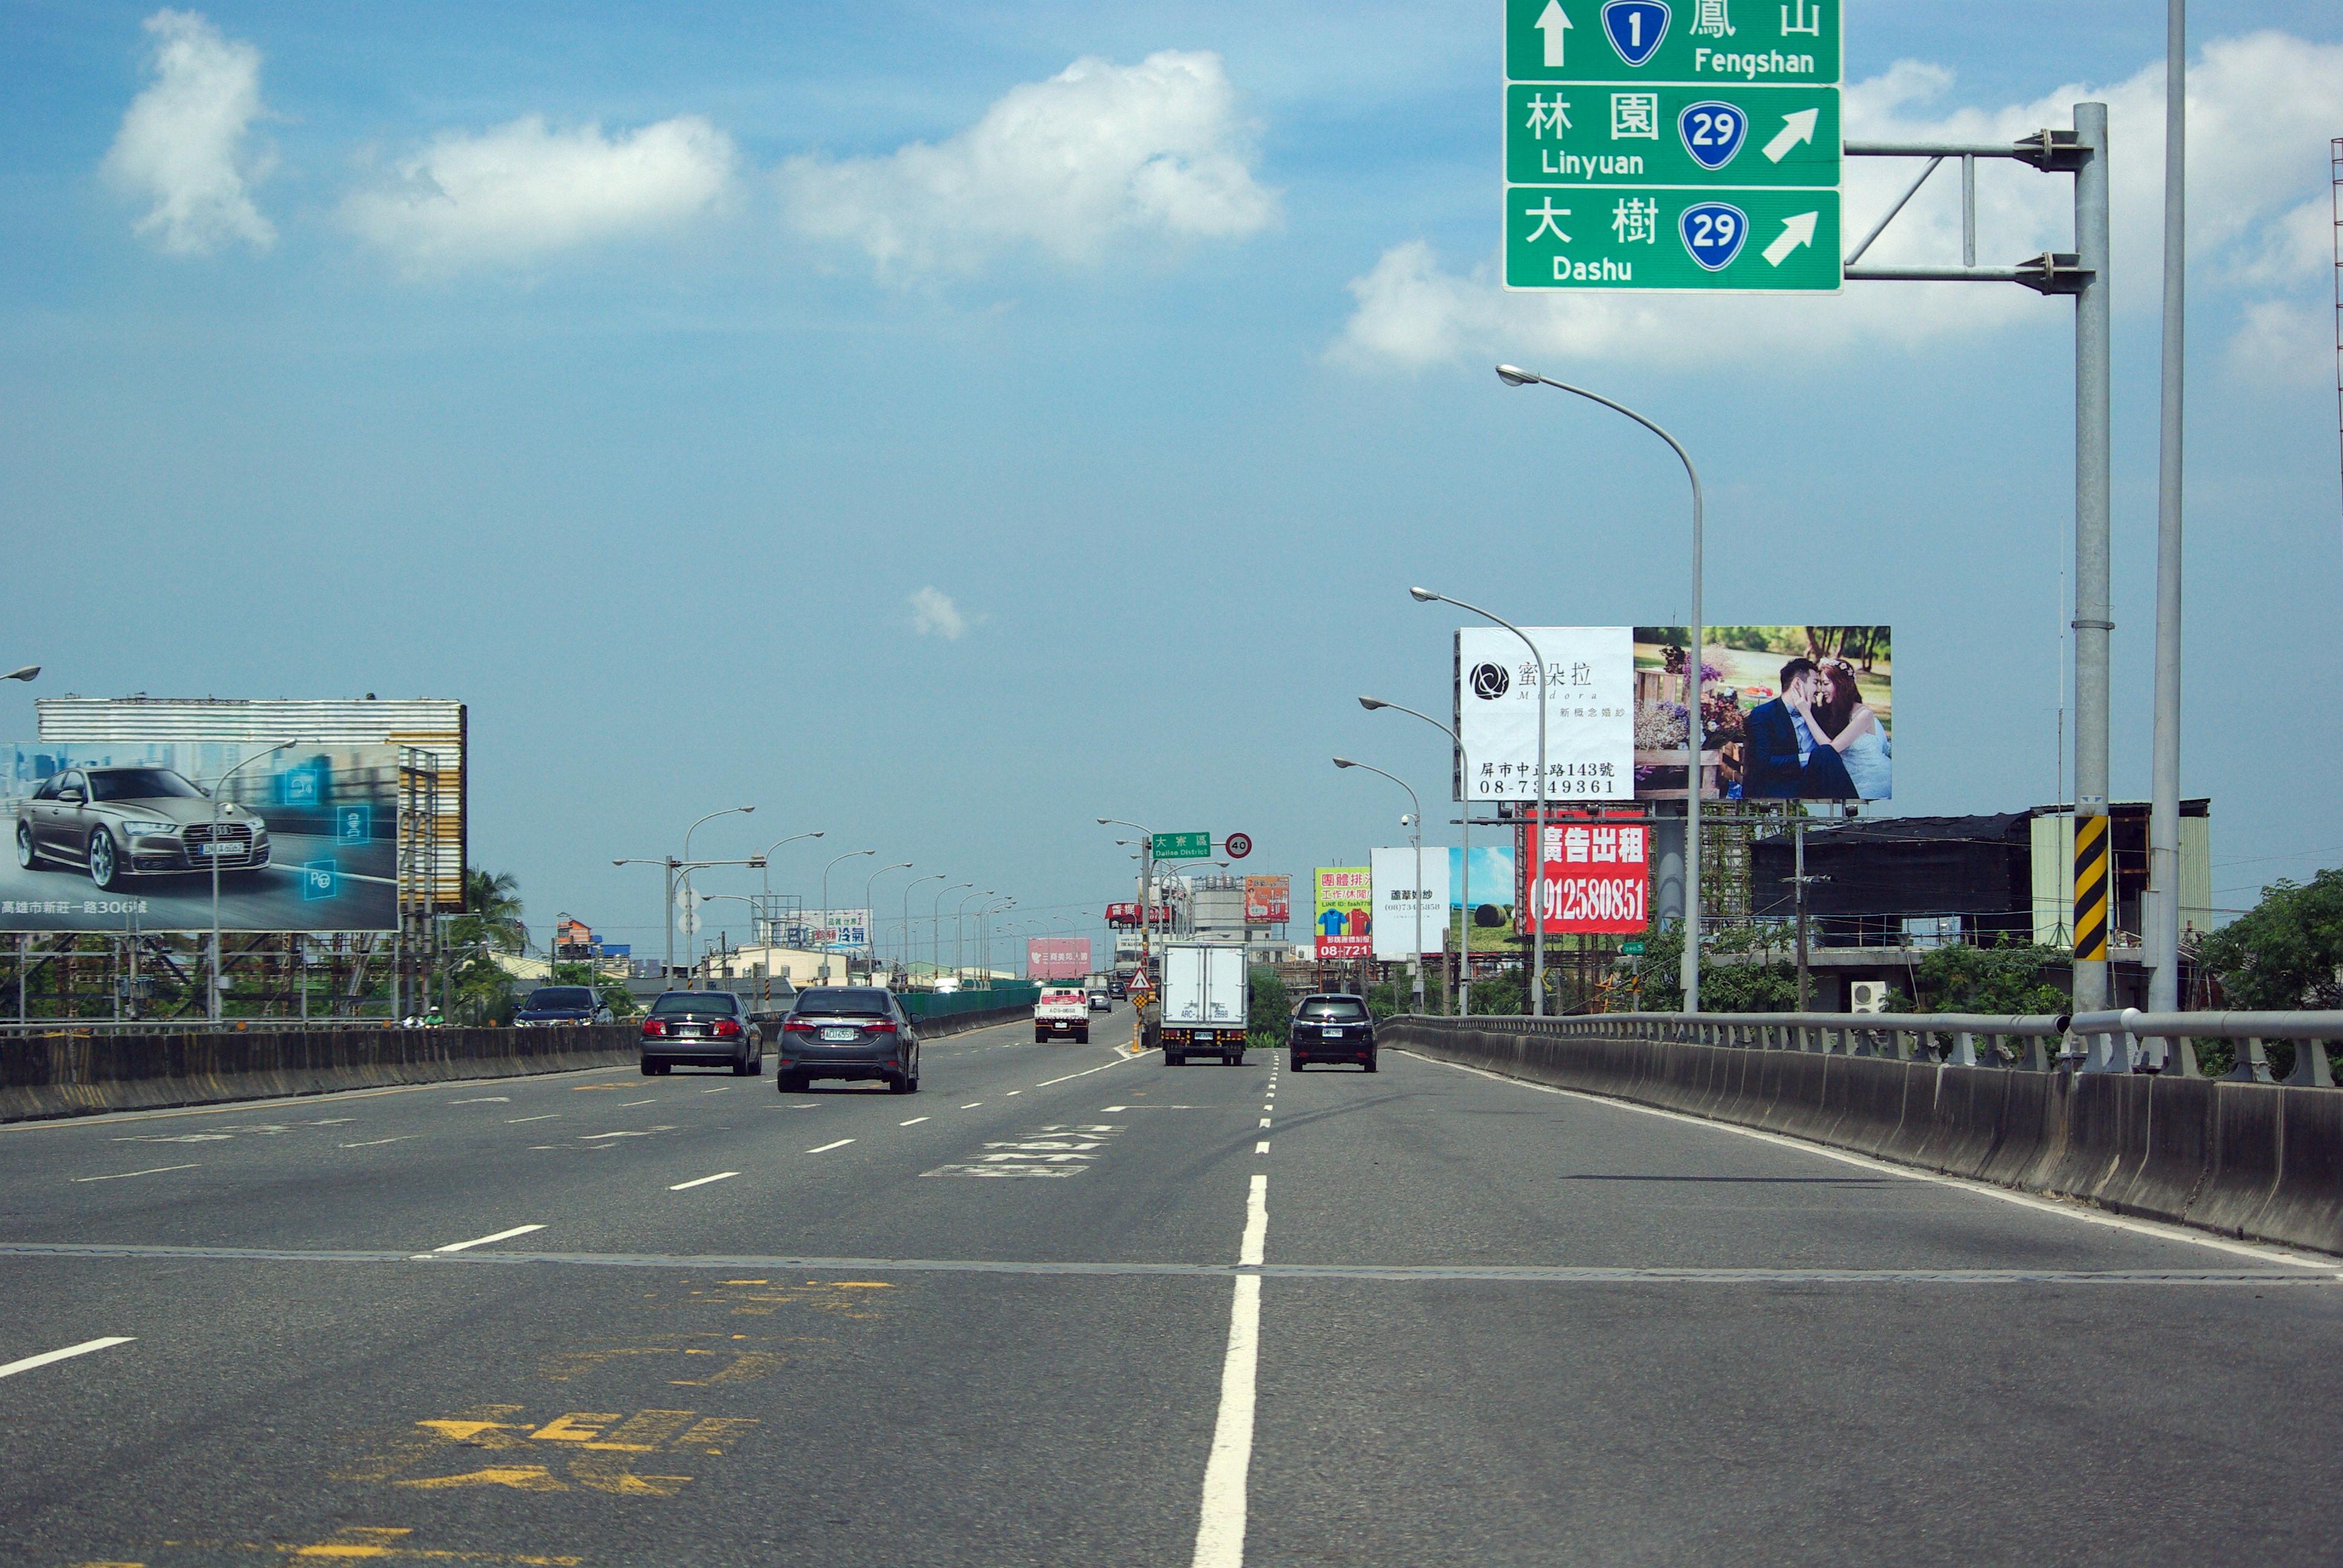 高屏大橋效果最好的廣告看板